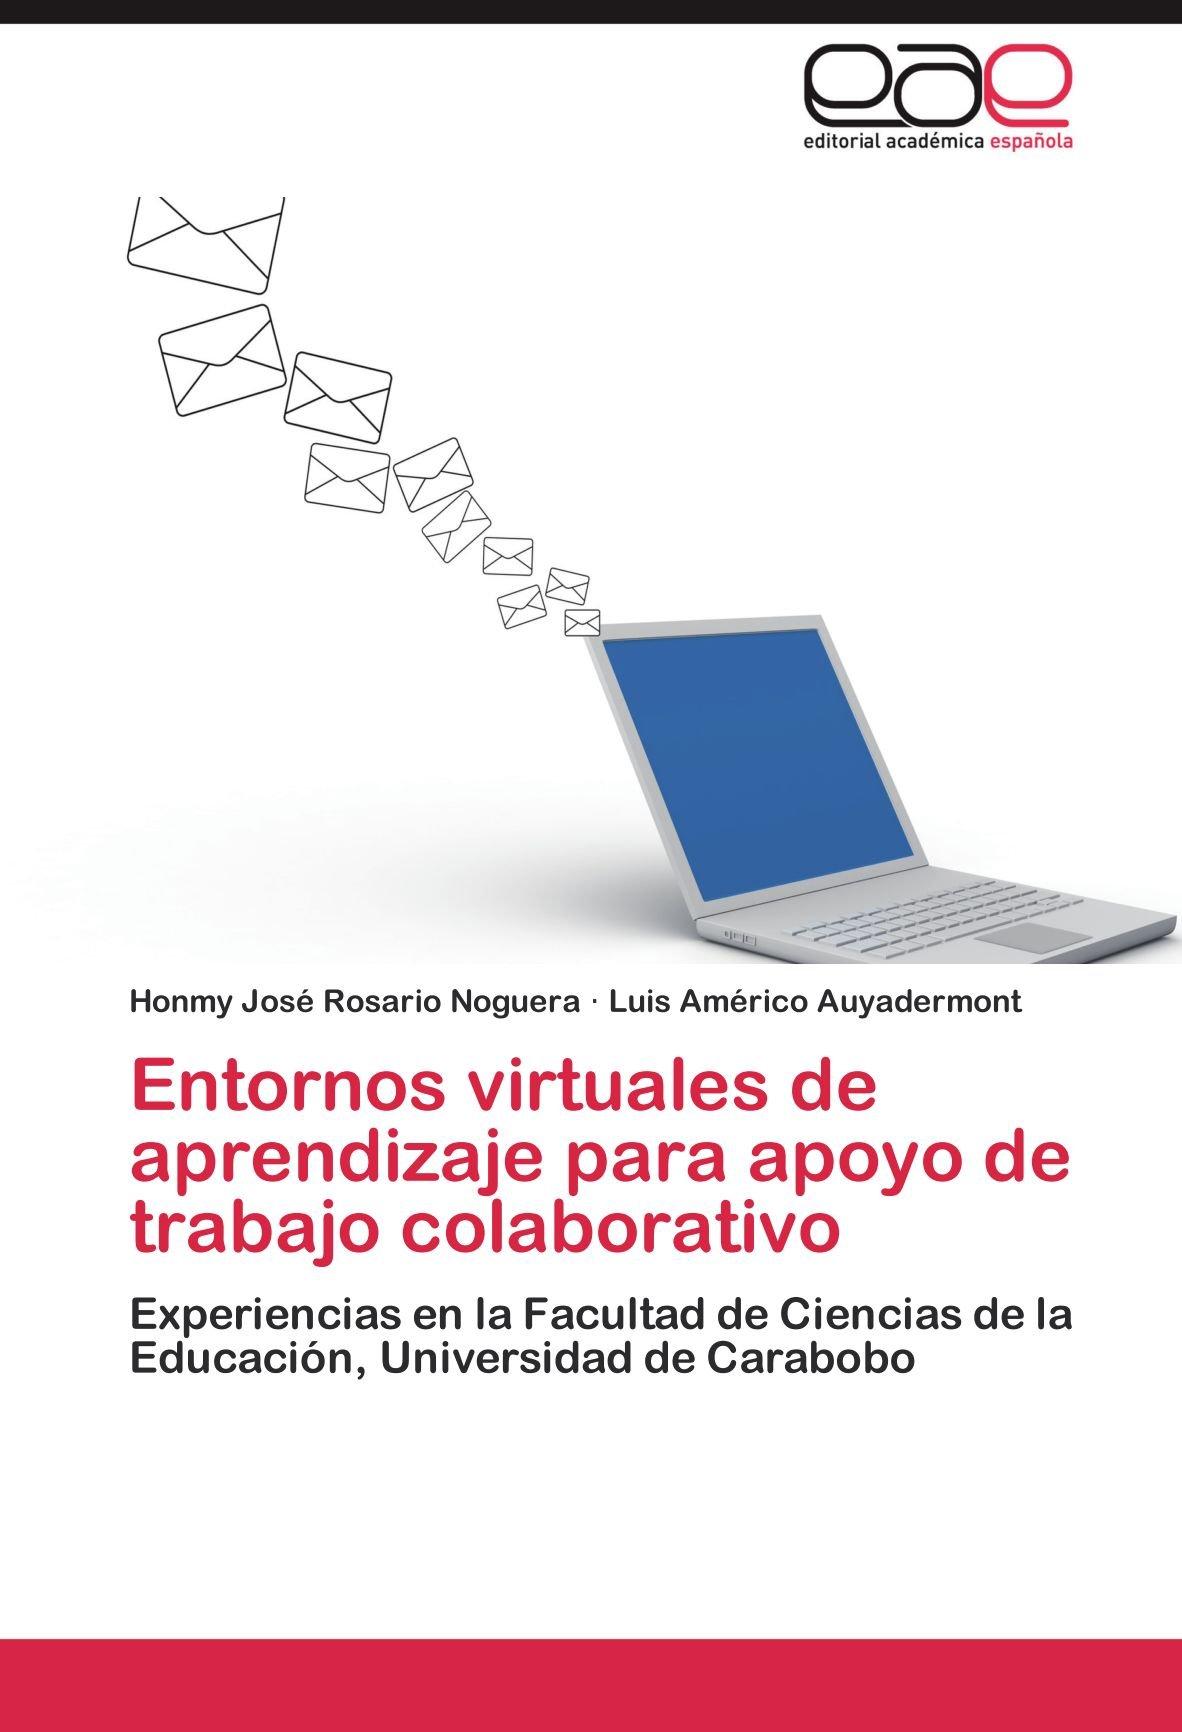 Download Entornos virtuales de aprendizaje para apoyo de trabajo colaborativo: Experiencias en la Facultad de Ciencias de la Educación, Universidad de Carabobo (Spanish Edition) pdf